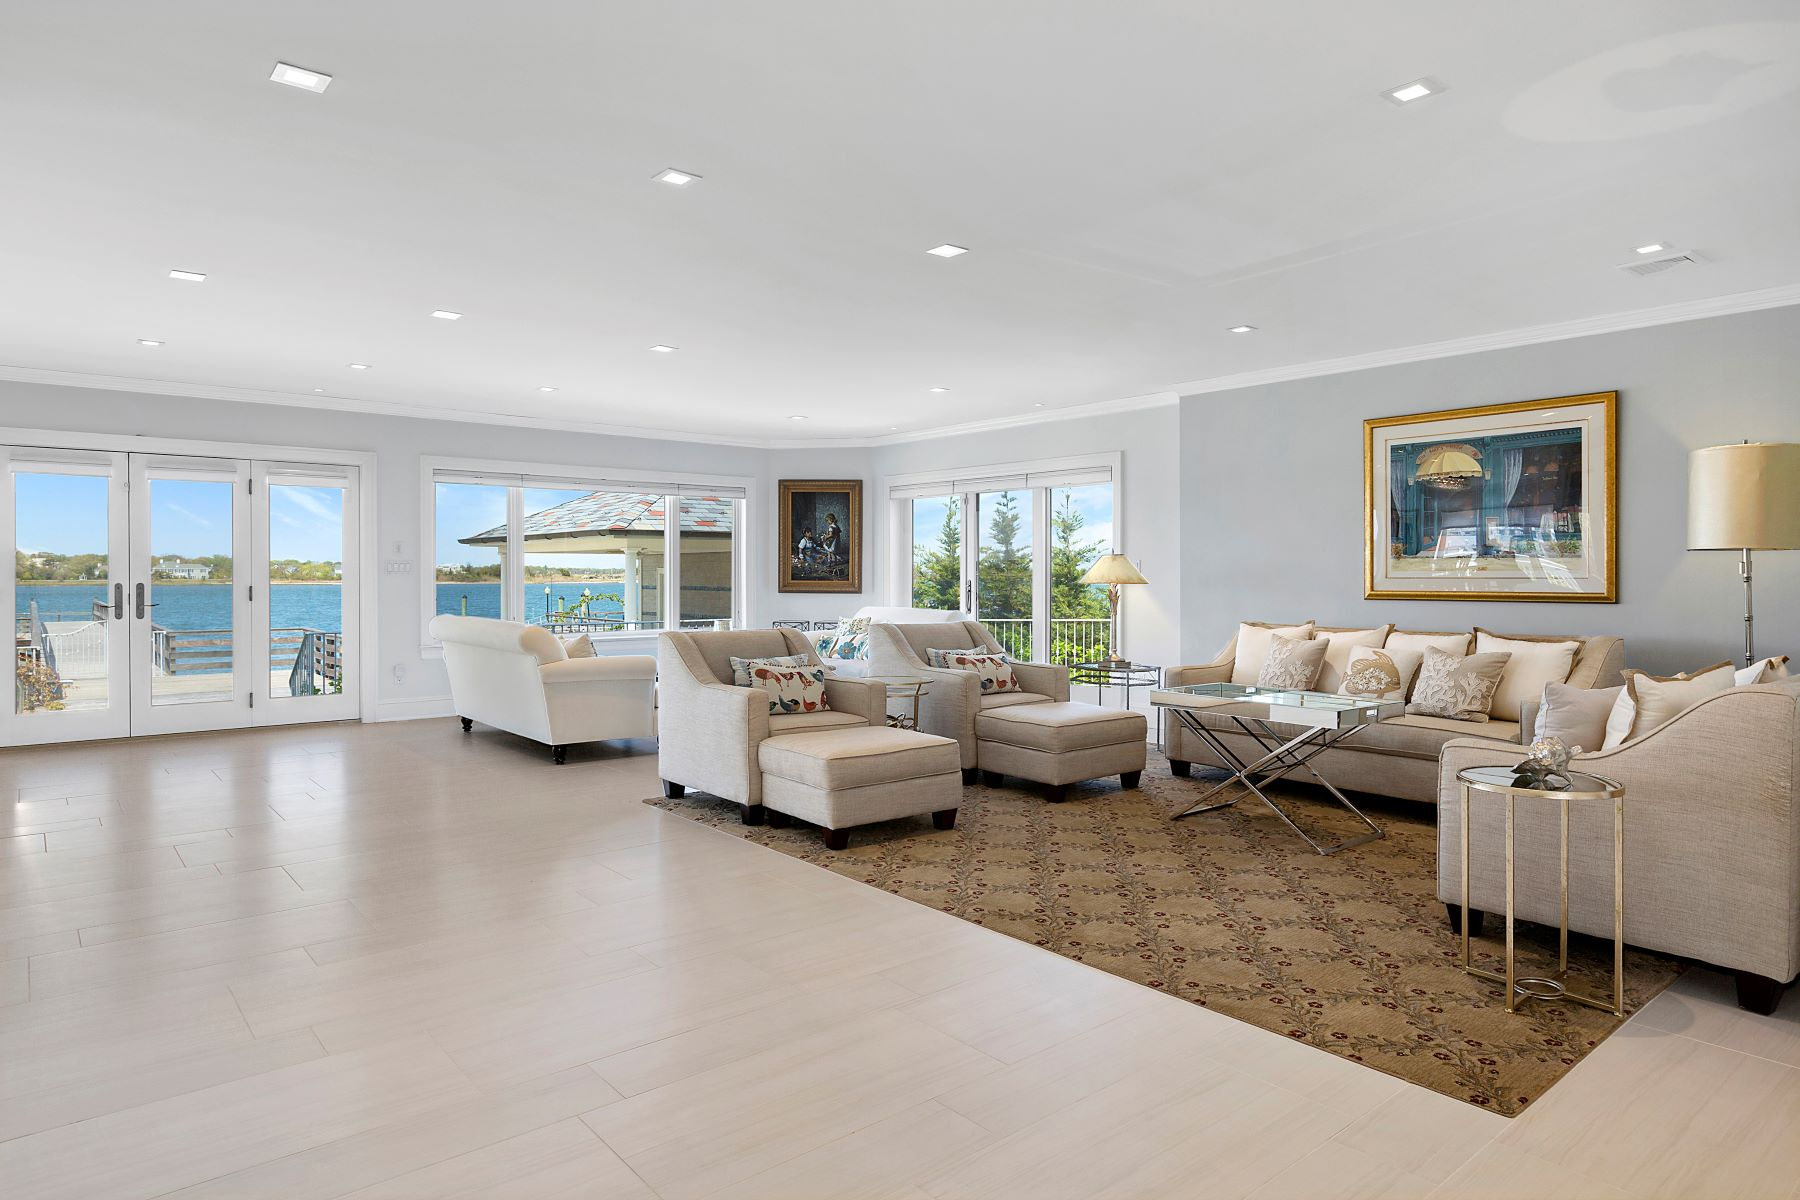 Частный односемейный дом для того Продажа на 1690 Bay Blvd 1690 Bay Blvd, Atlantic Beach, Нью-Йорк, 11509 Соединенные Штаты